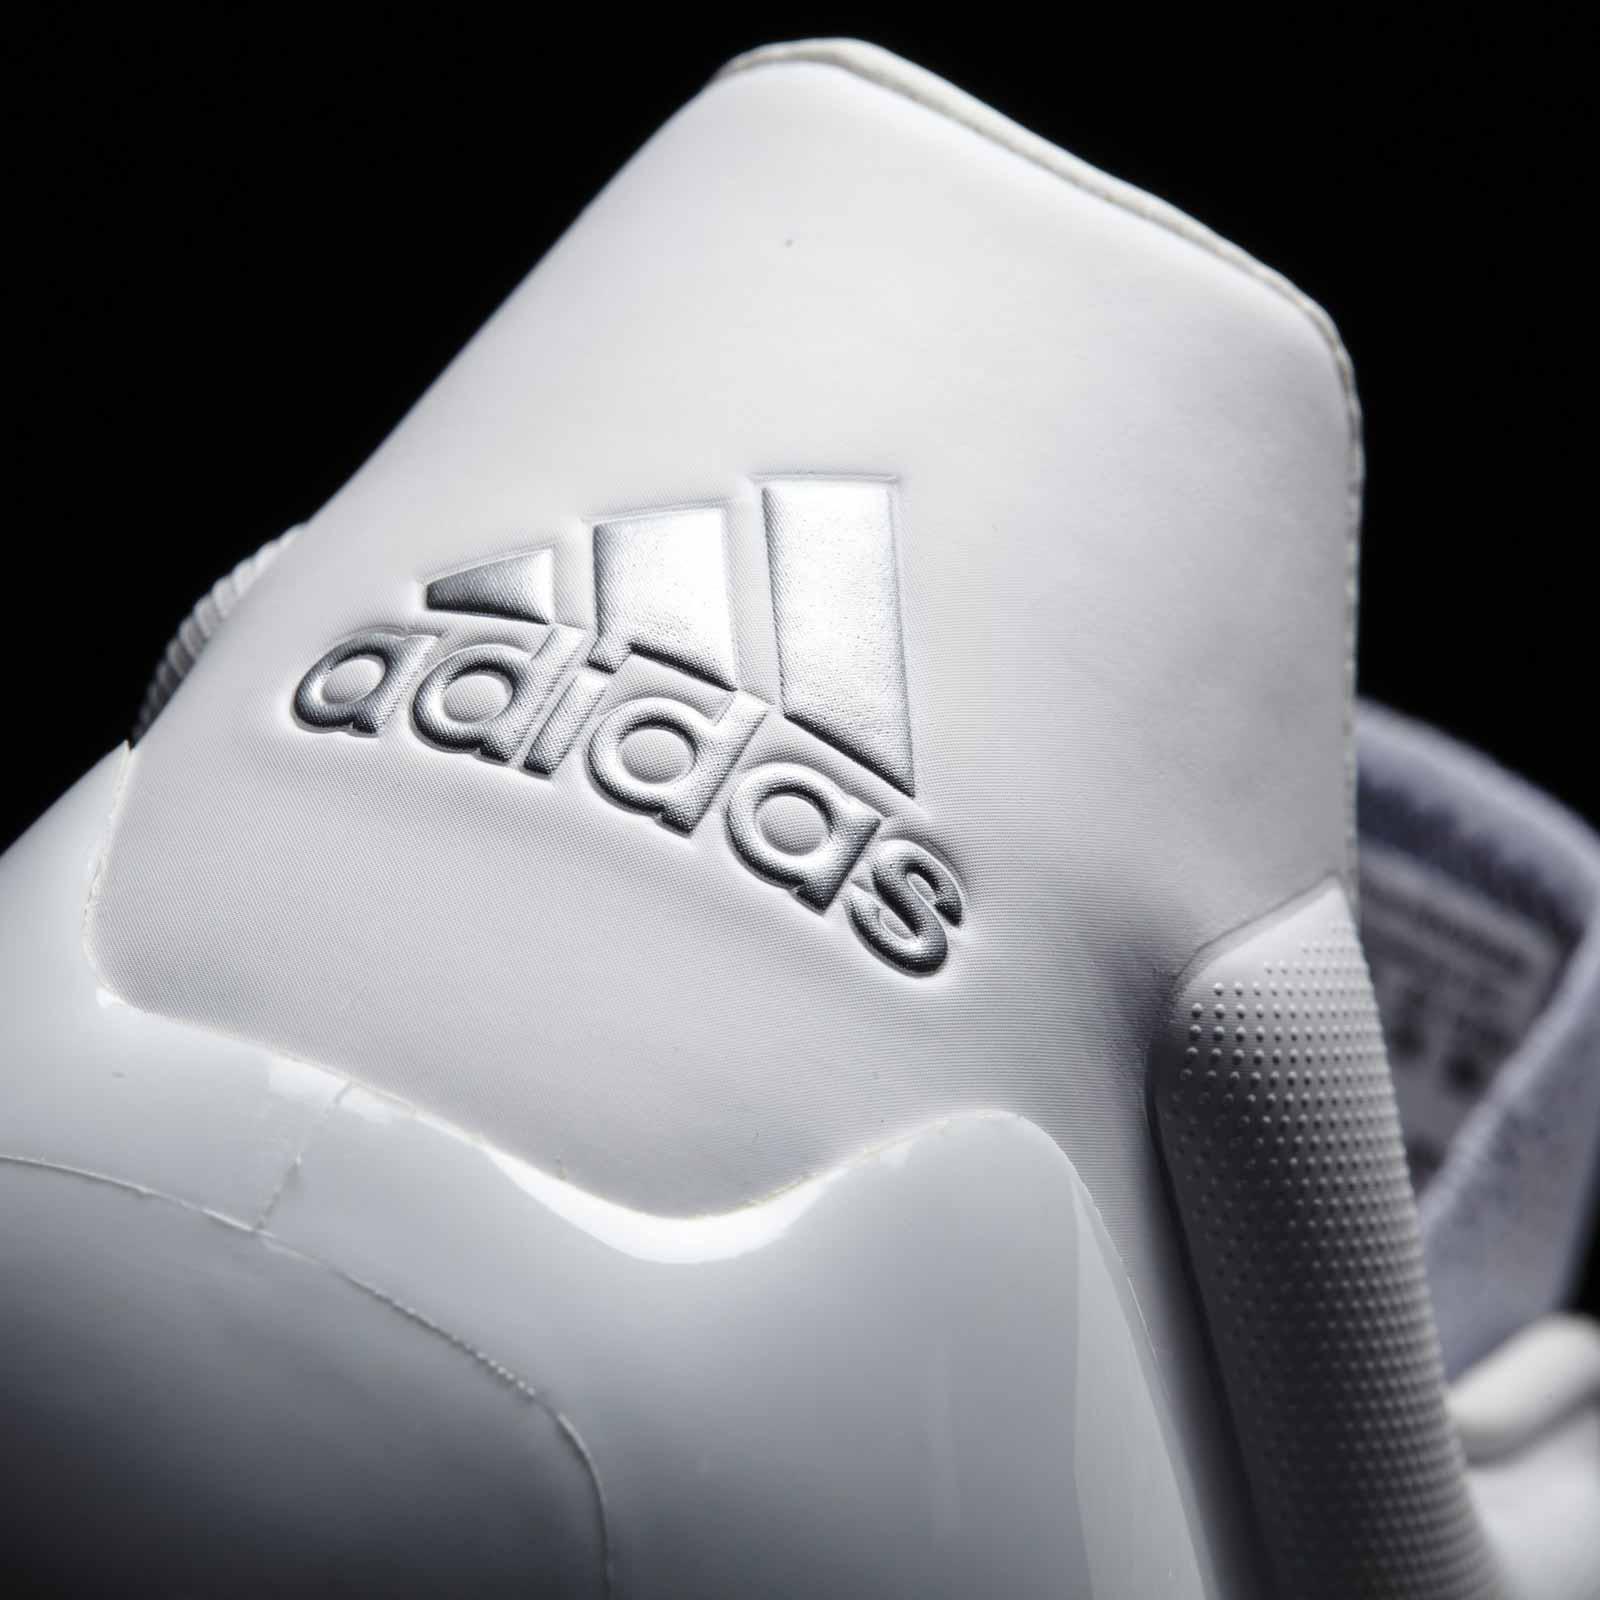 Adidas 2016 White